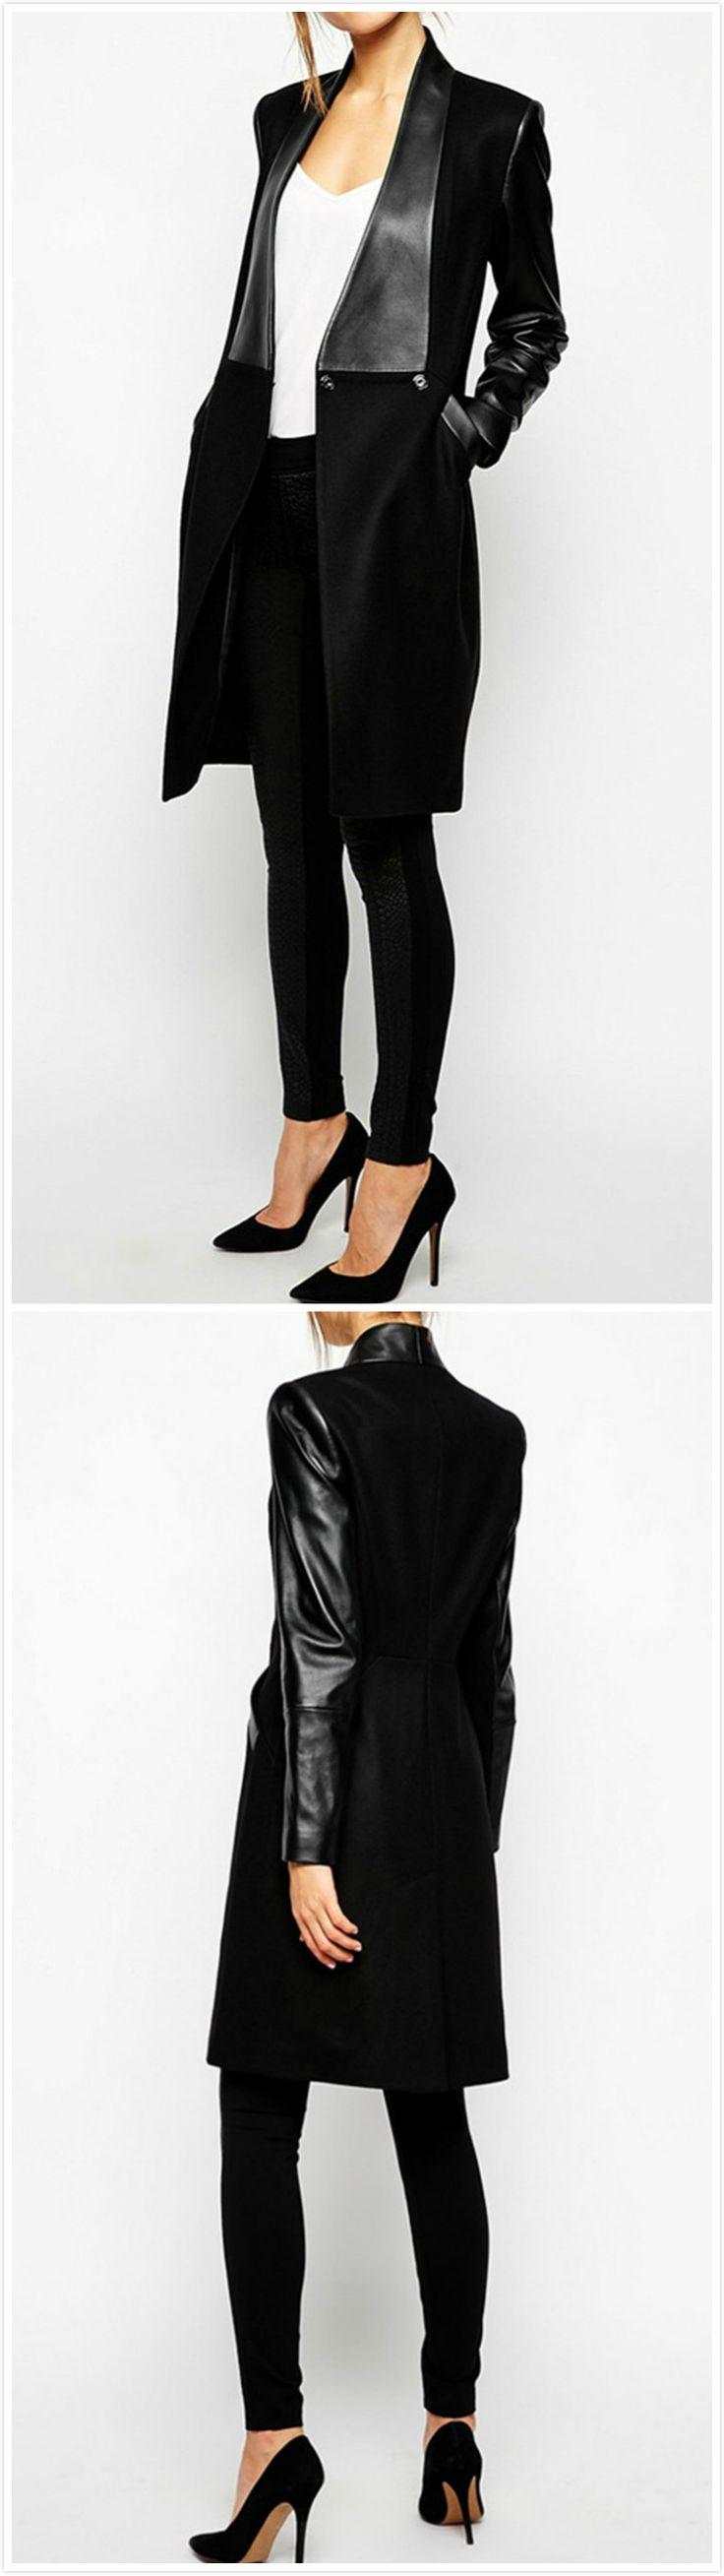 PU Long Sleeve Slim Wool Jacket Coat